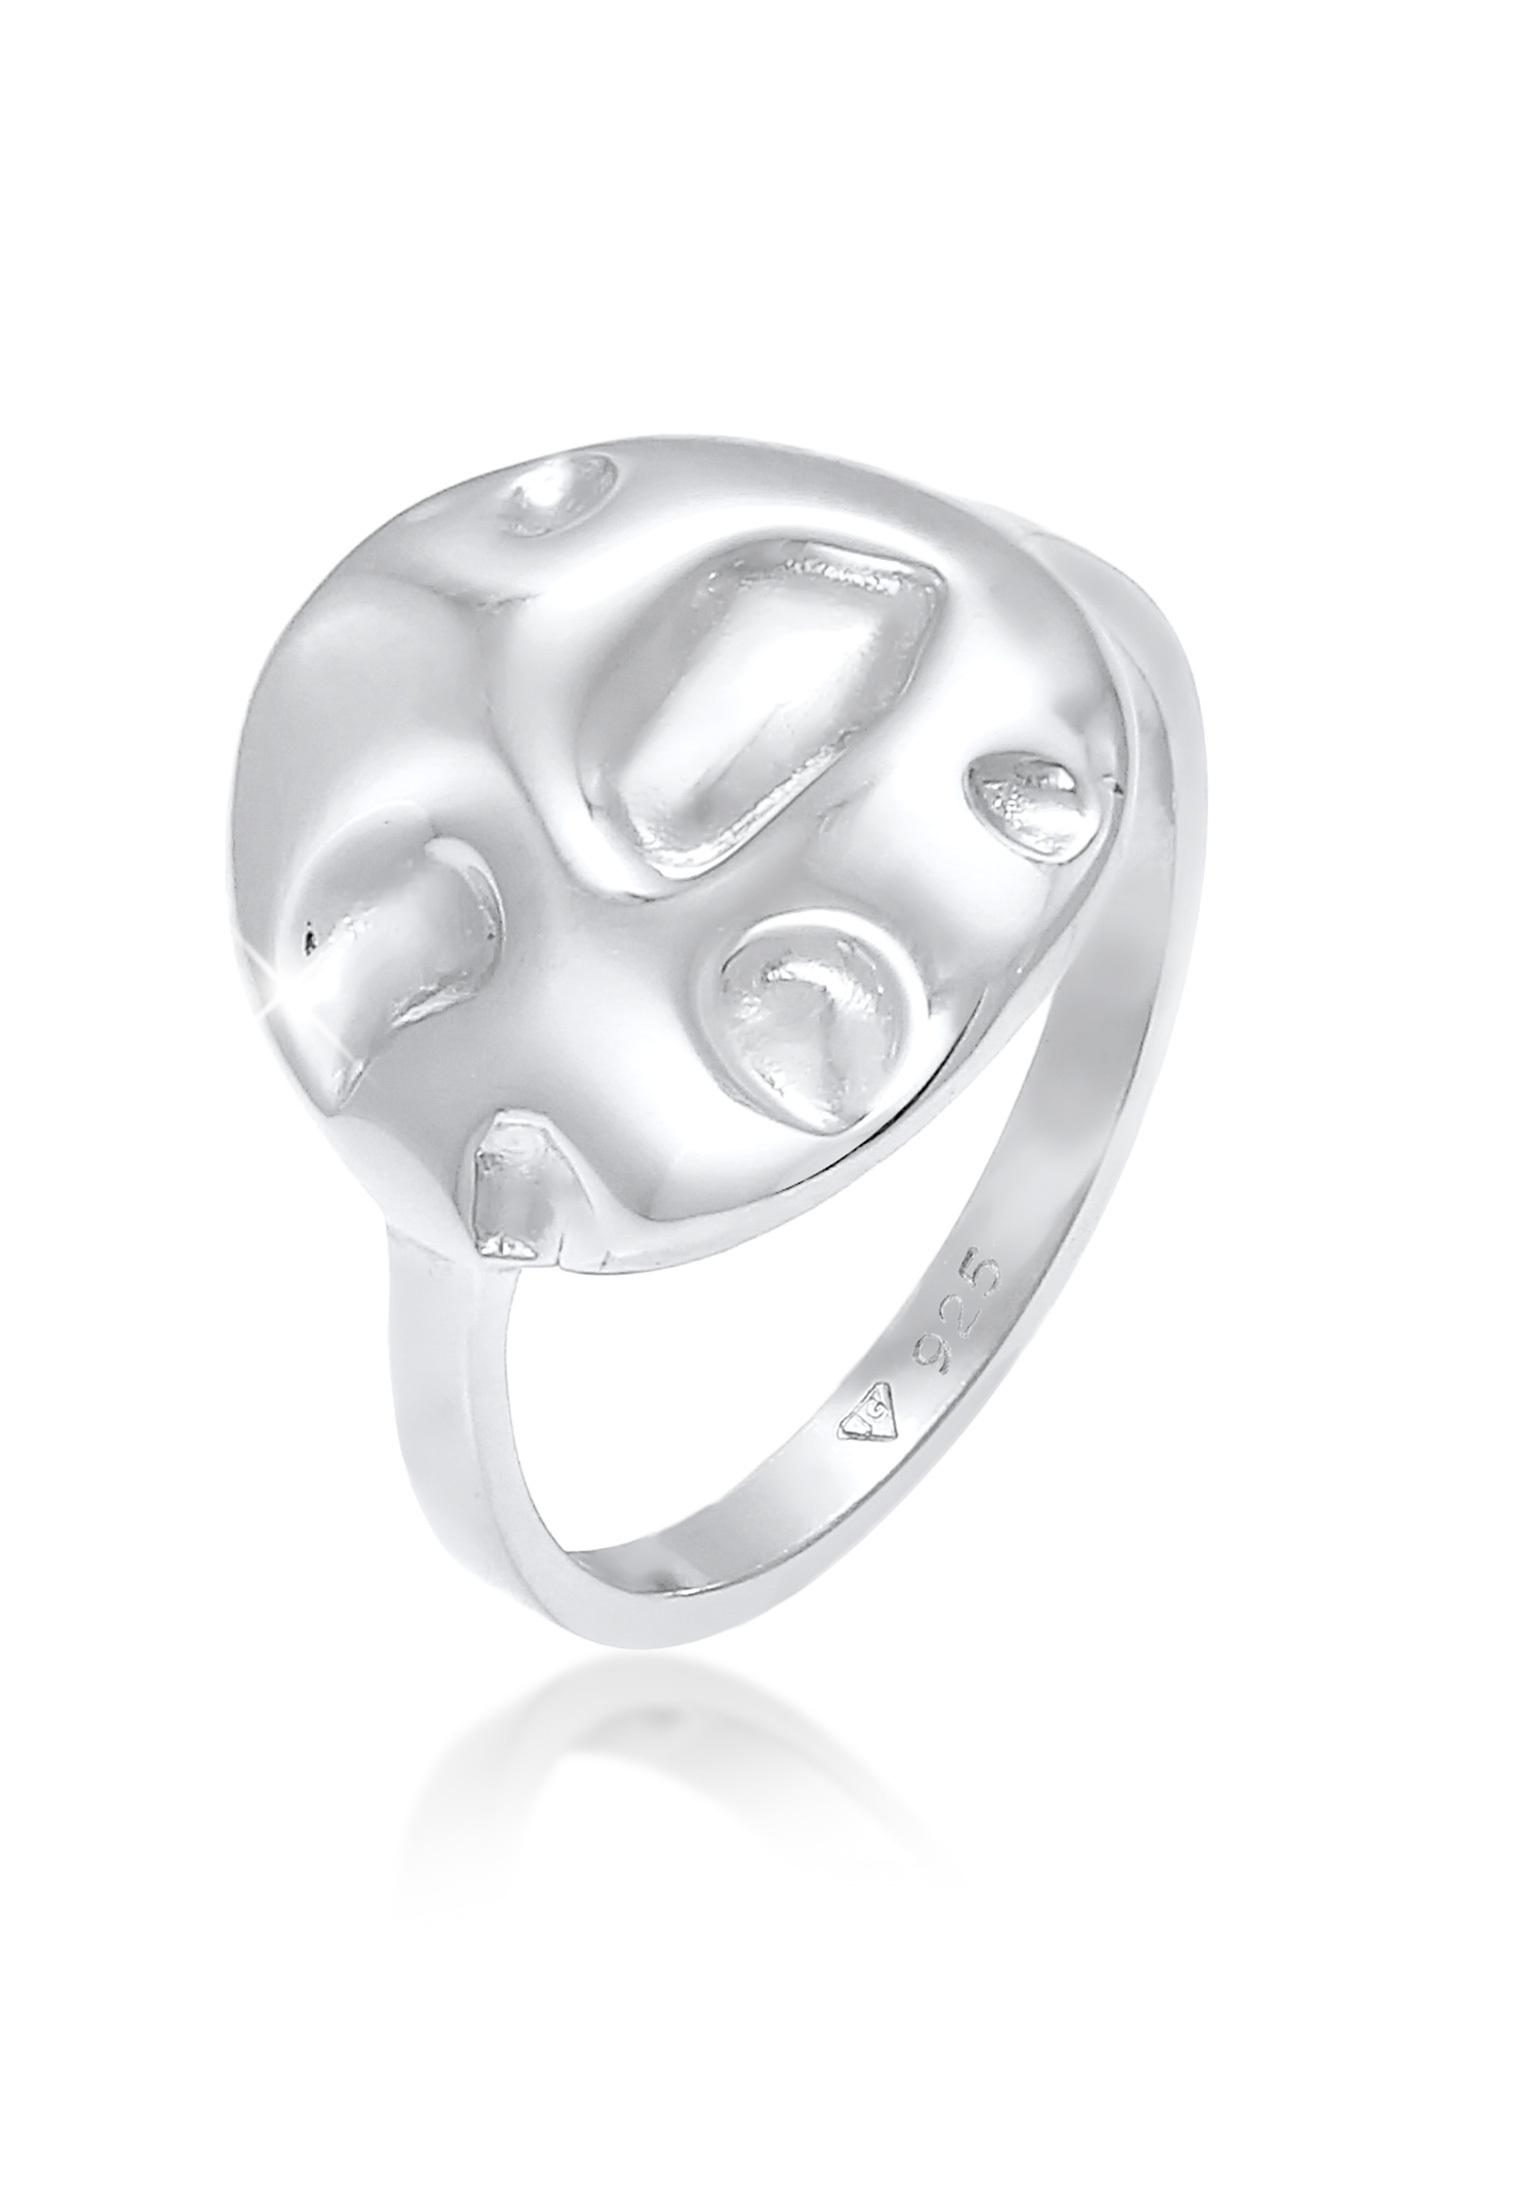 Ring | 925er Sterling Silber